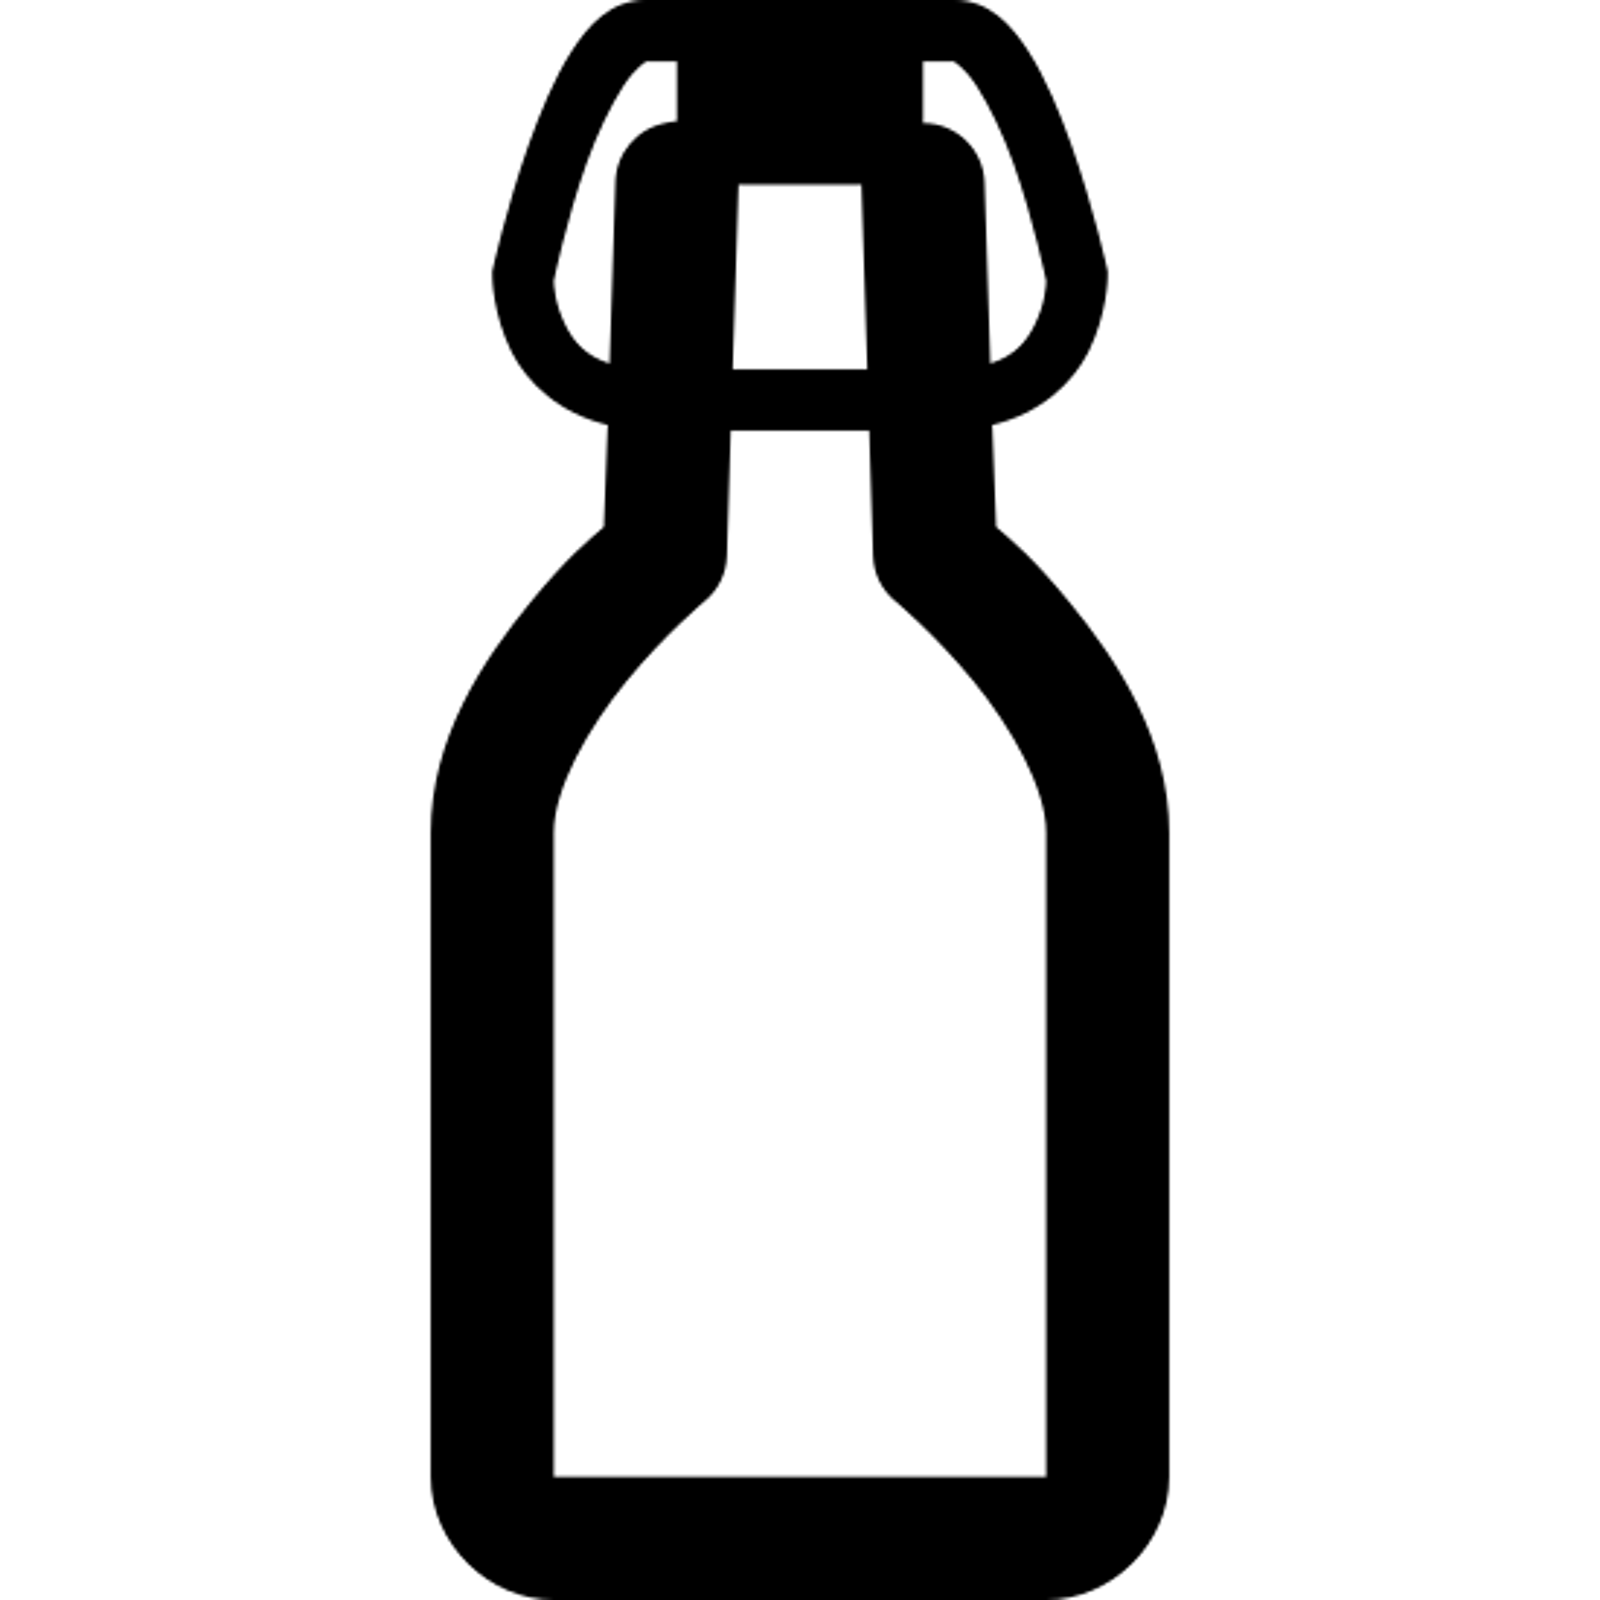 Brauseflasche icon